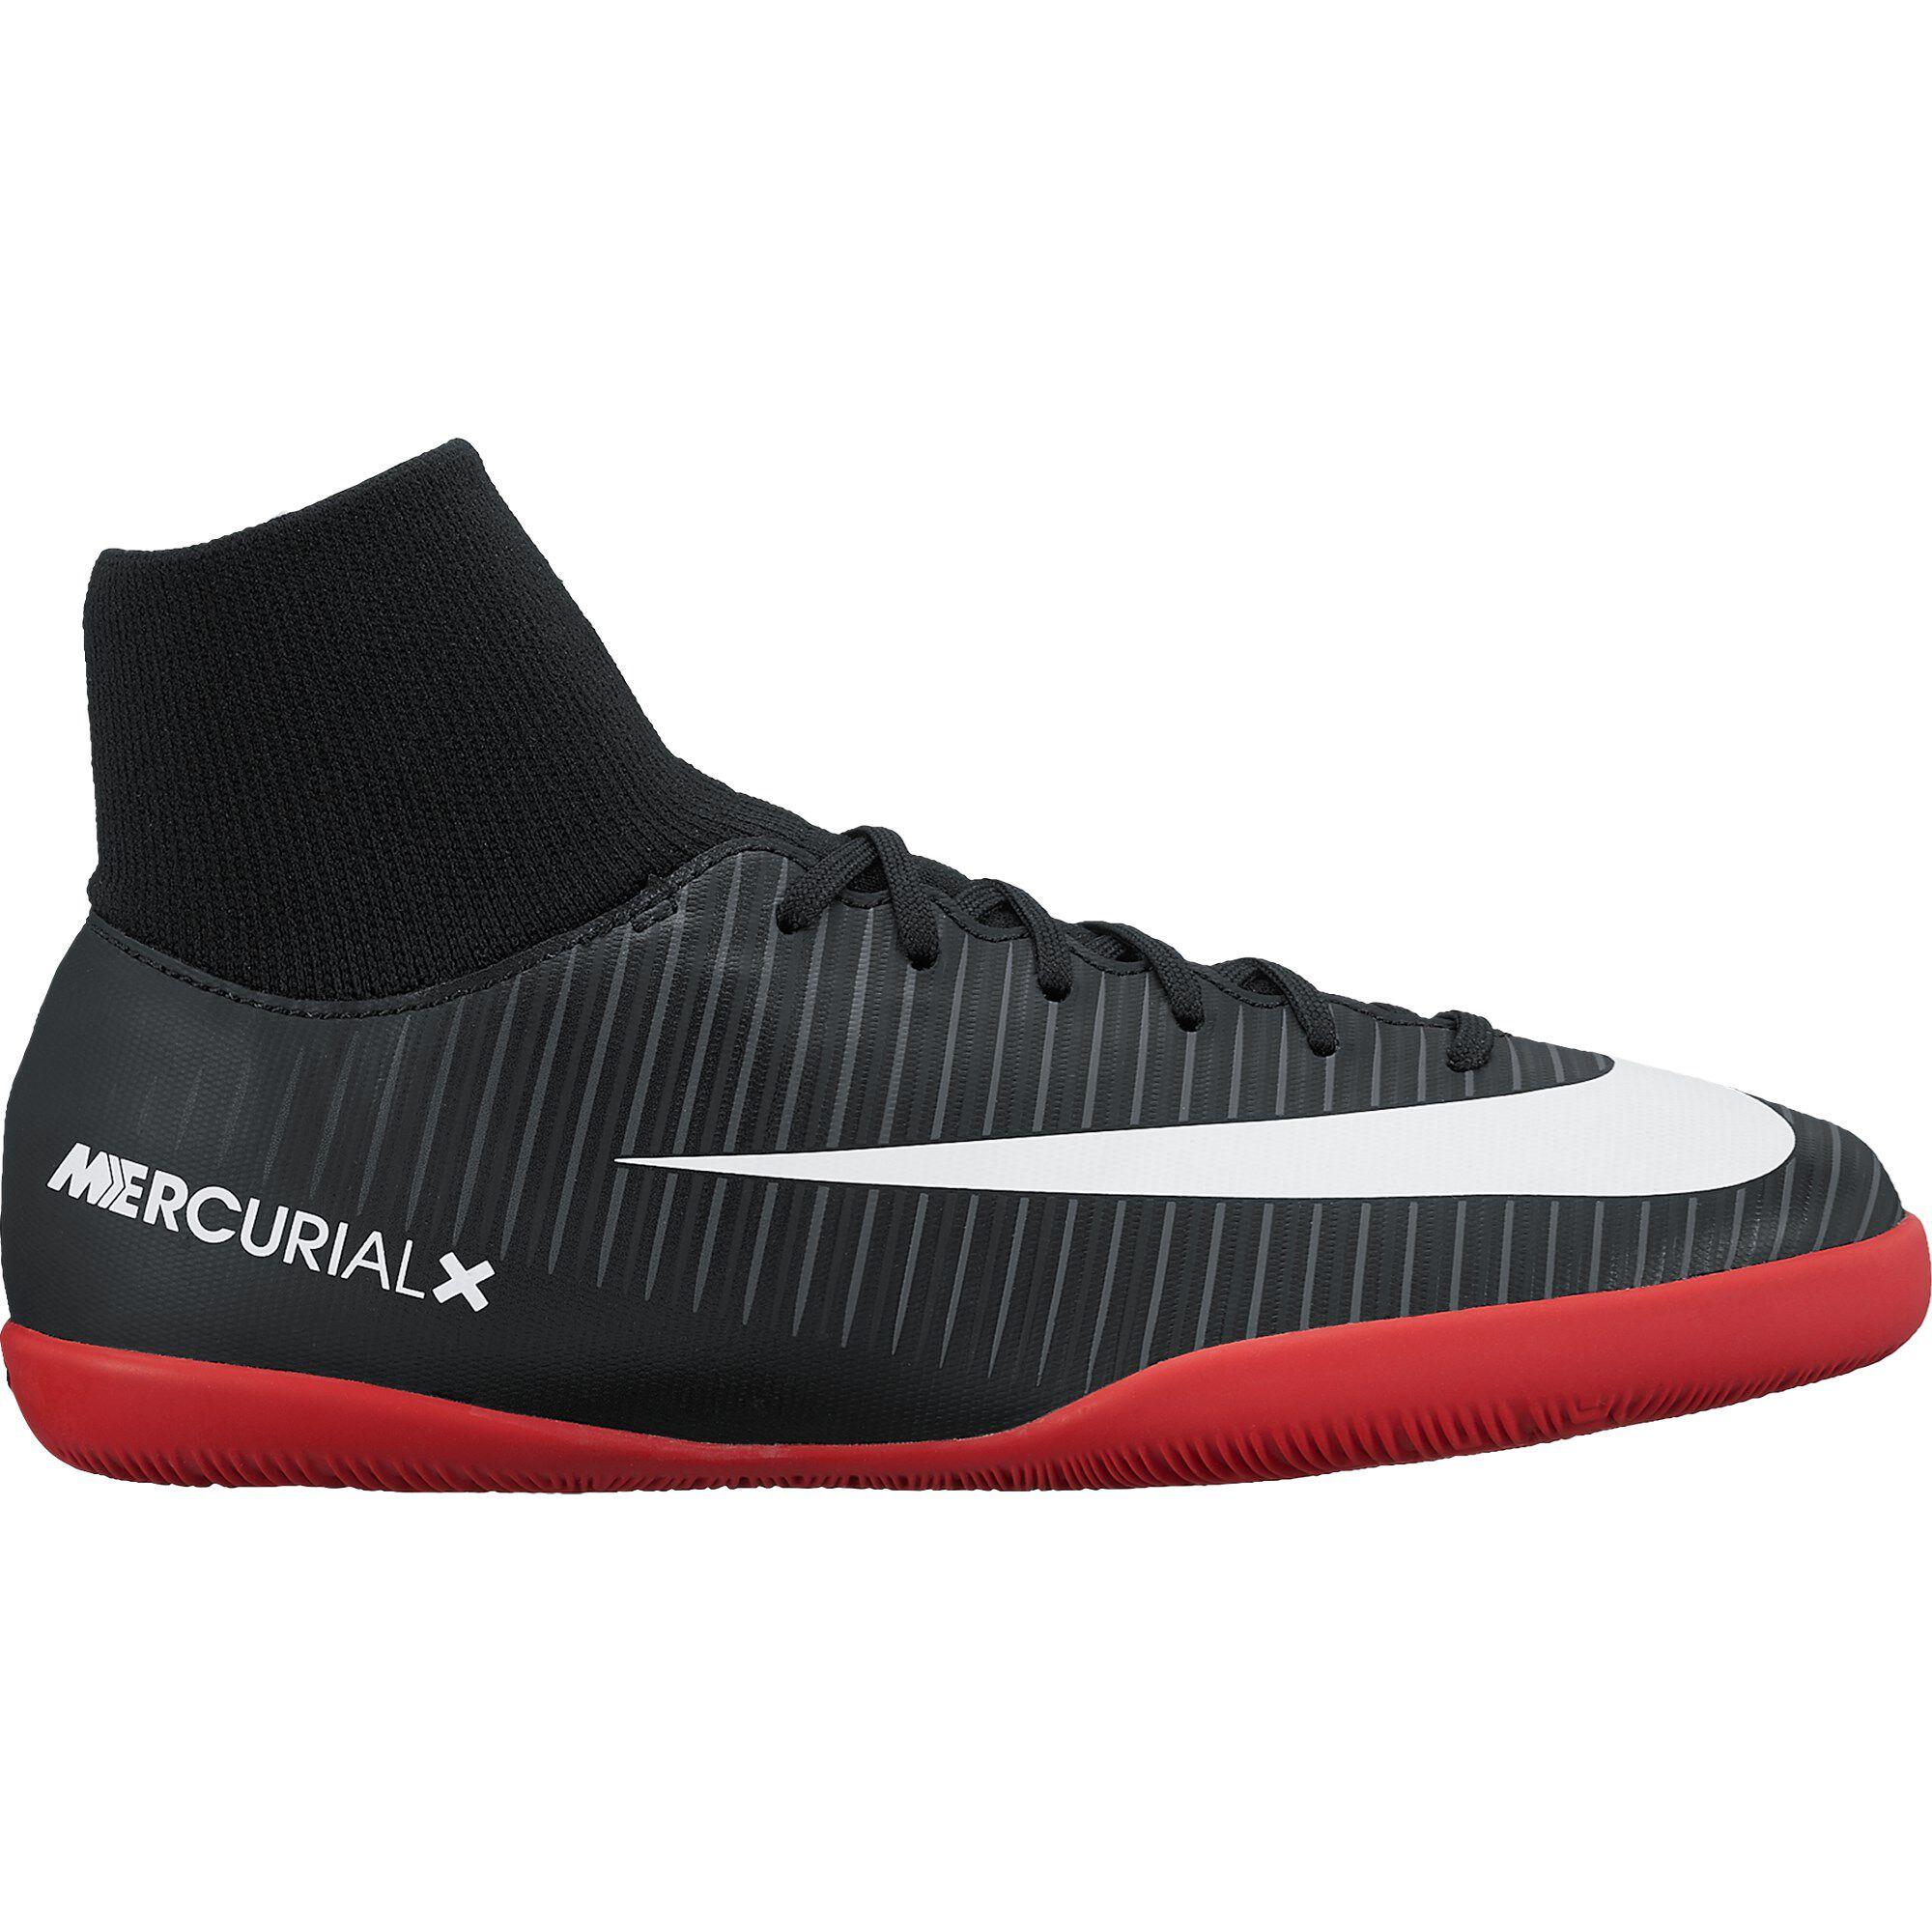 Indendørs sko på tilbud | Billige indendørssko hos